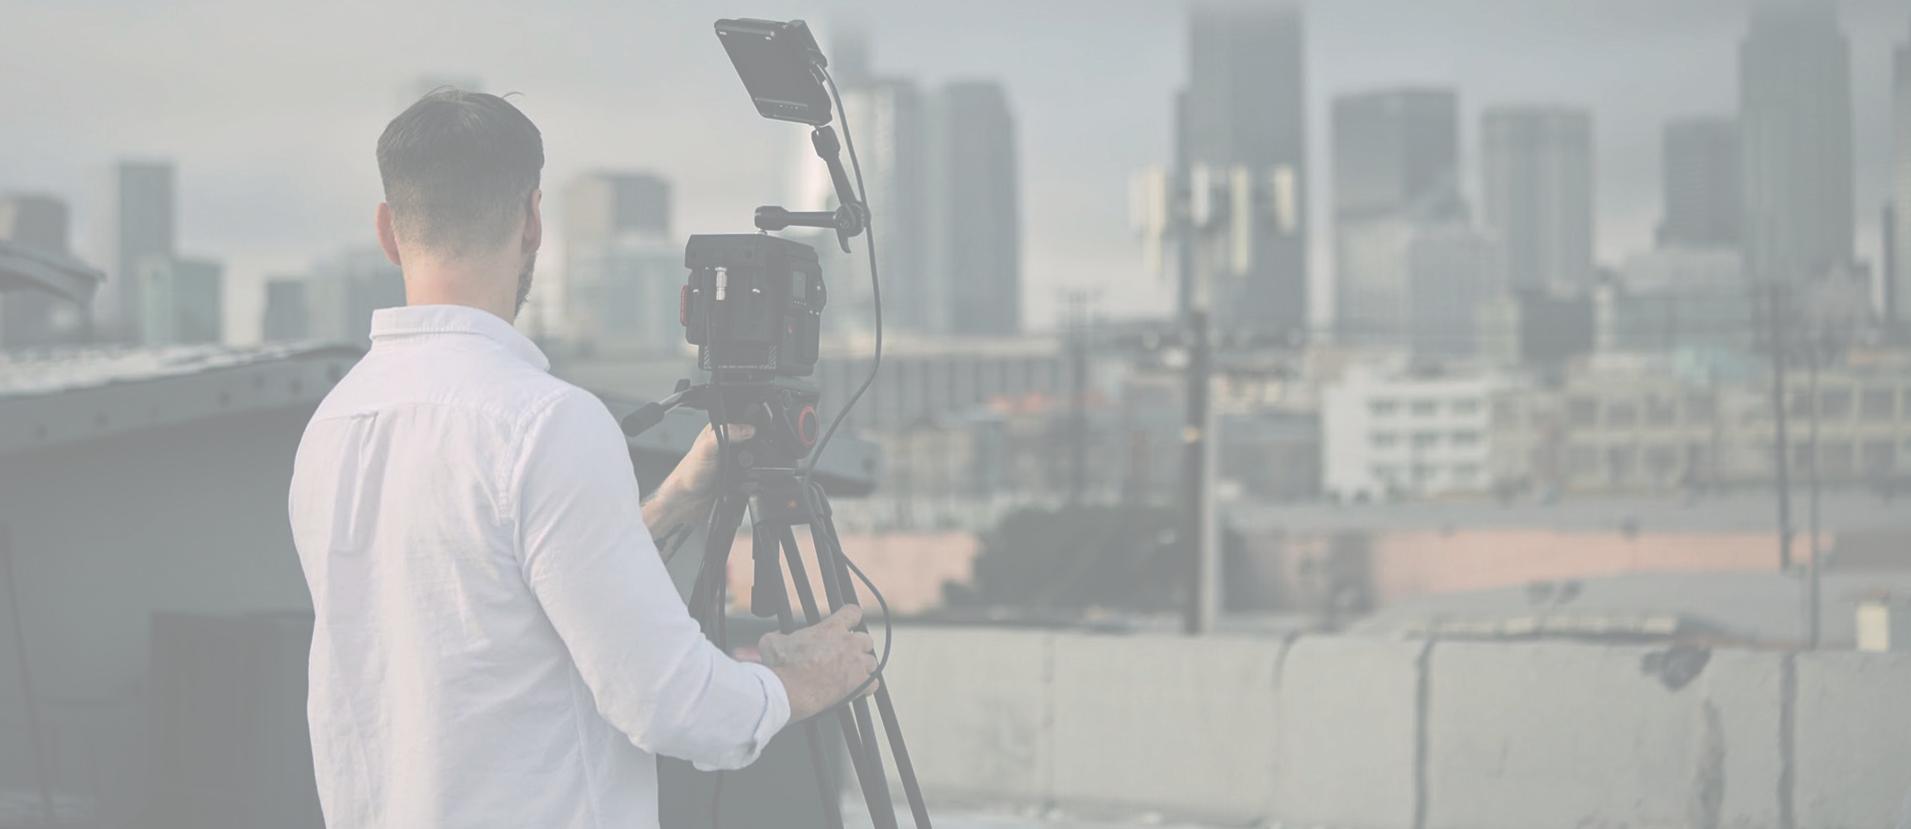 動画制作をクリエイターに依頼するには?|依頼の方法も3つ紹介